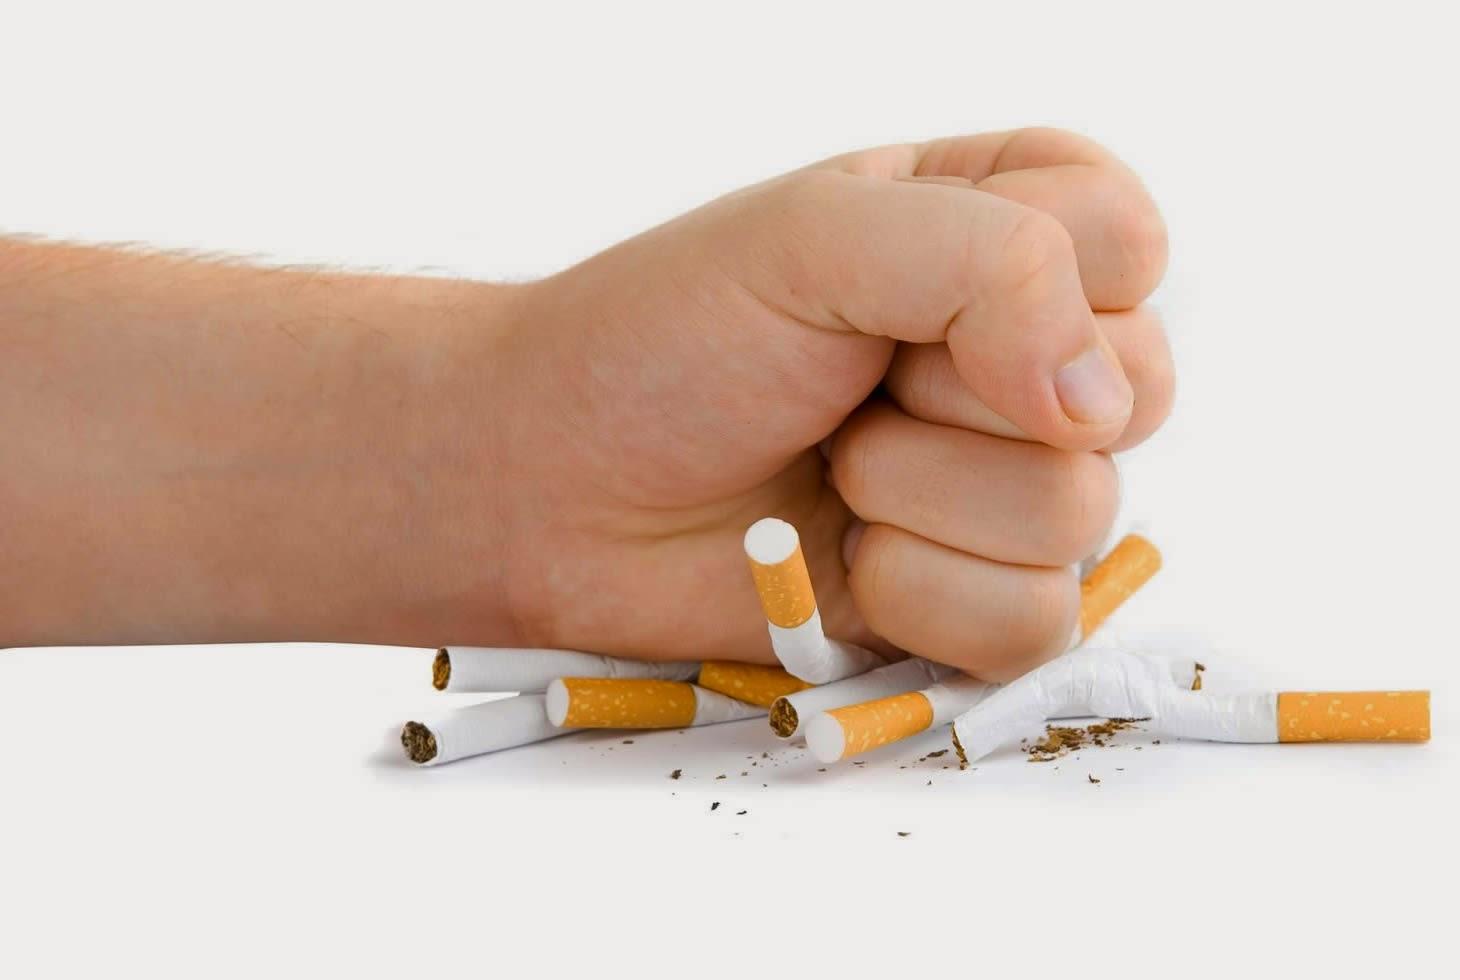 Que verdadeiro modo de deixar de fumar